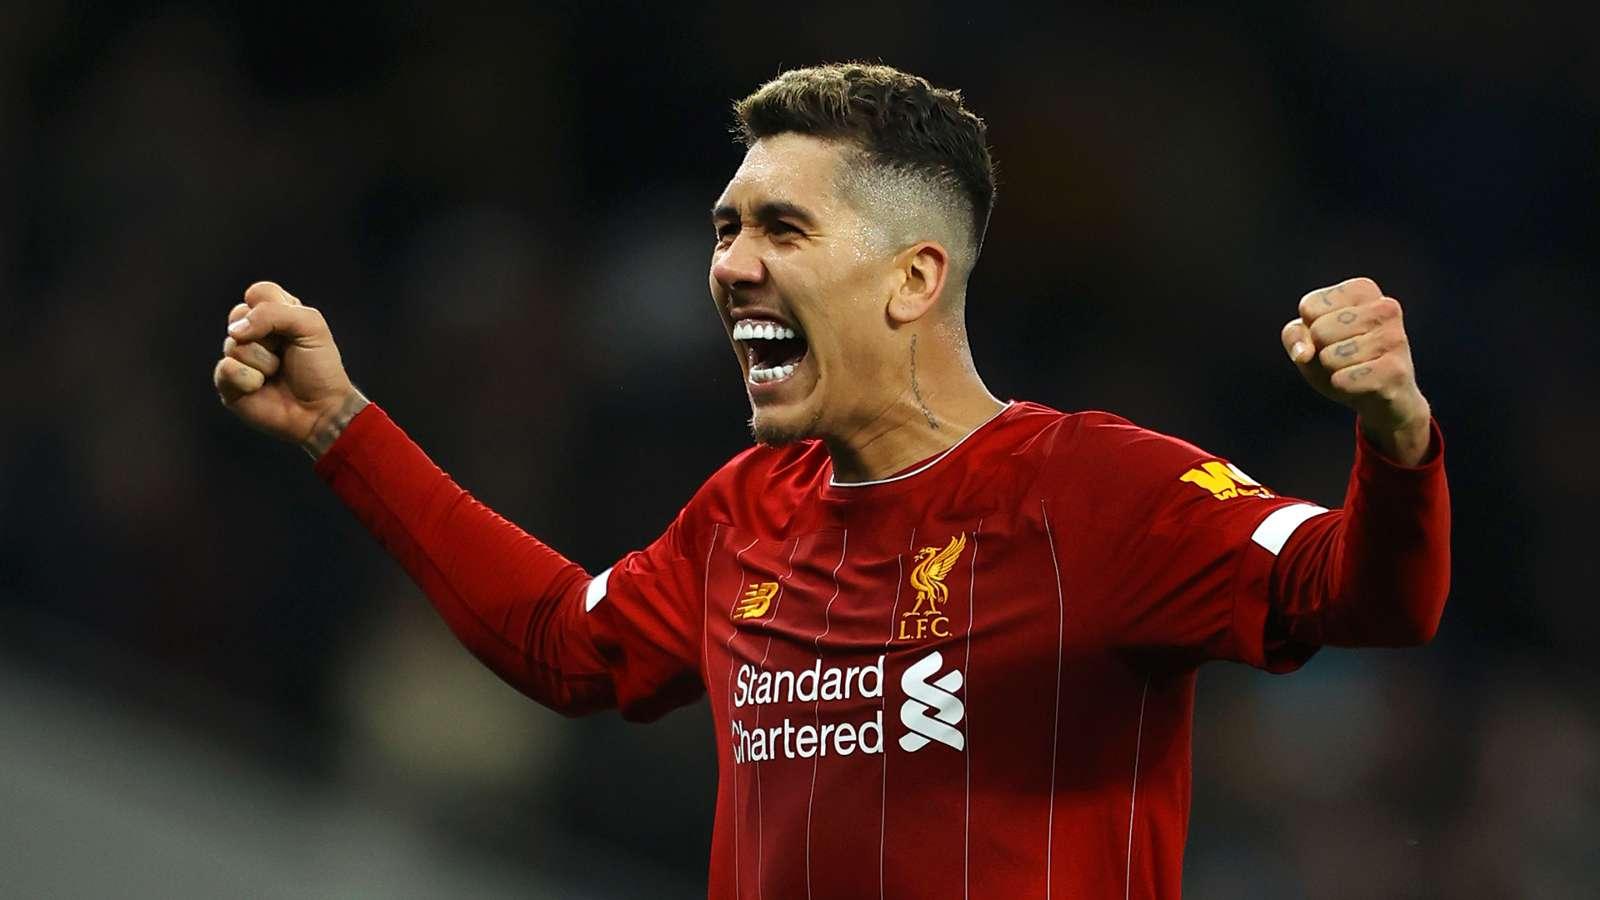 卢卡斯:菲尔米诺能打破我利物浦队内巴西球员出场纪录